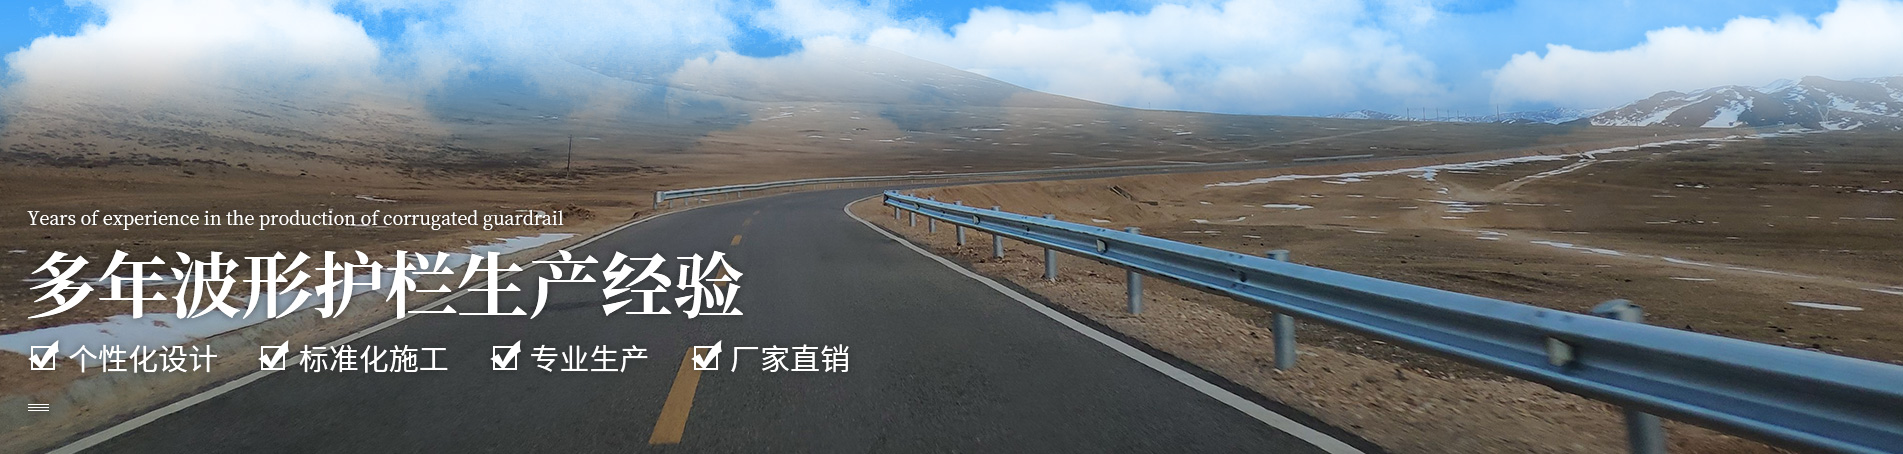 公路防撞护栏生产厂家